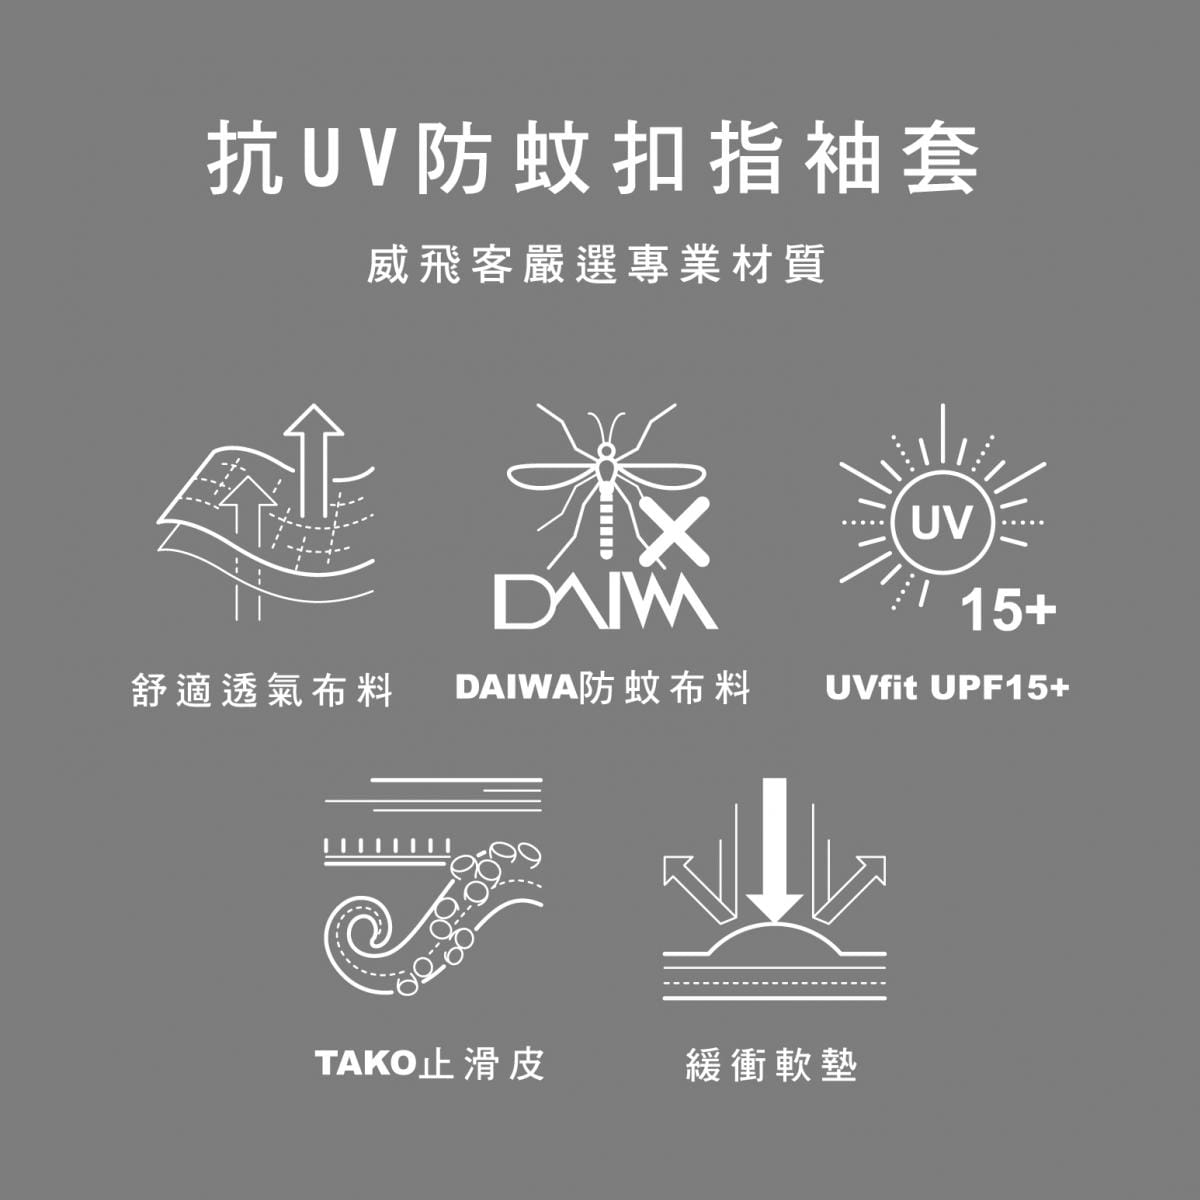 【威飛客手袋達人】【威飛客WELL FIT】抗UV防蚊扣指袖套 4